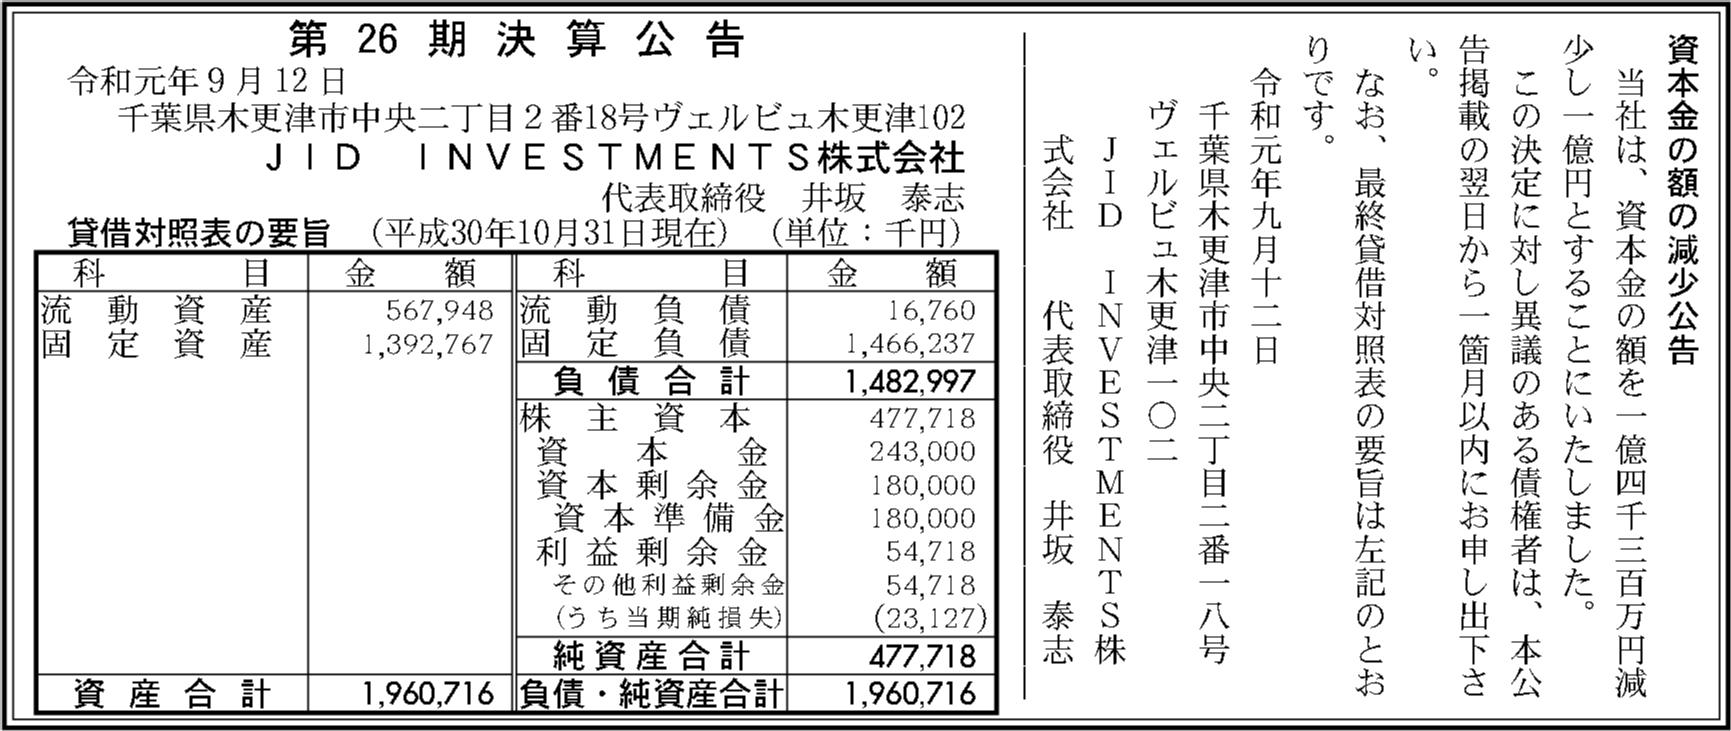 0095 9ca27804c39f2833e714c41f0a1ae94a1e82ff9e3013bec82e50796d985f114b89b144a74f1ca1719a45a5be12cc076203fad3be9e53986a87a70224cc394c61 08